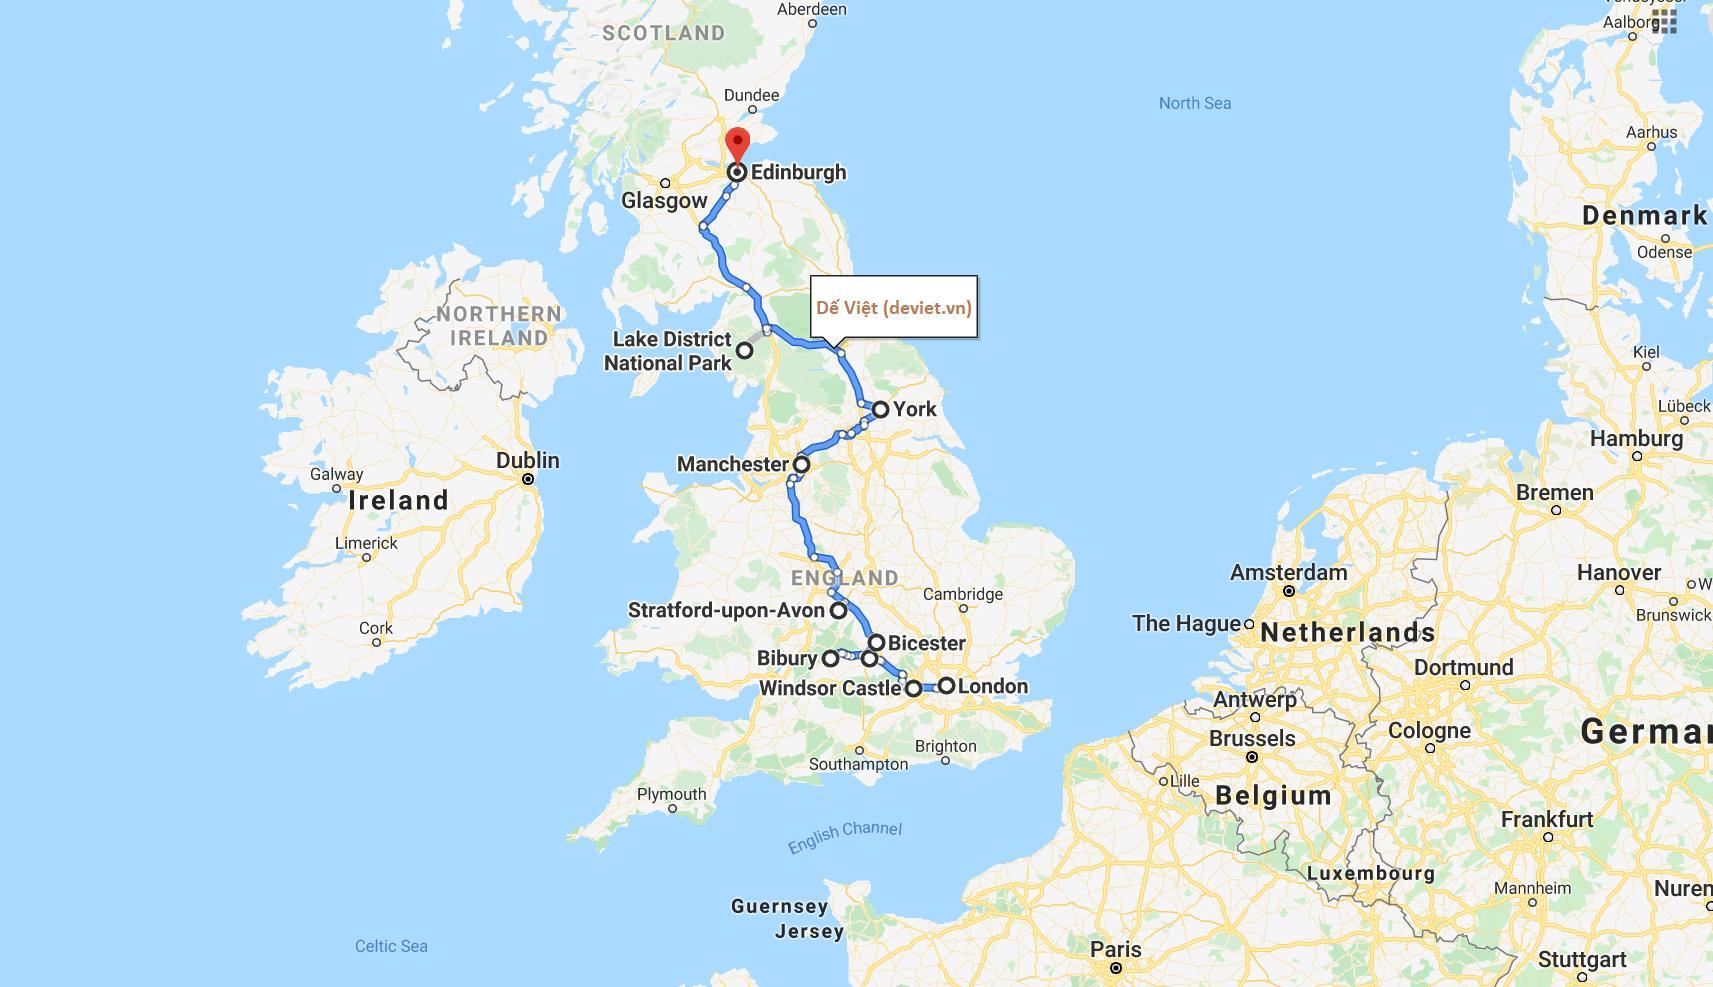 Tour trọn gói 2020 ANH – SCOTLAND 9 NGÀY